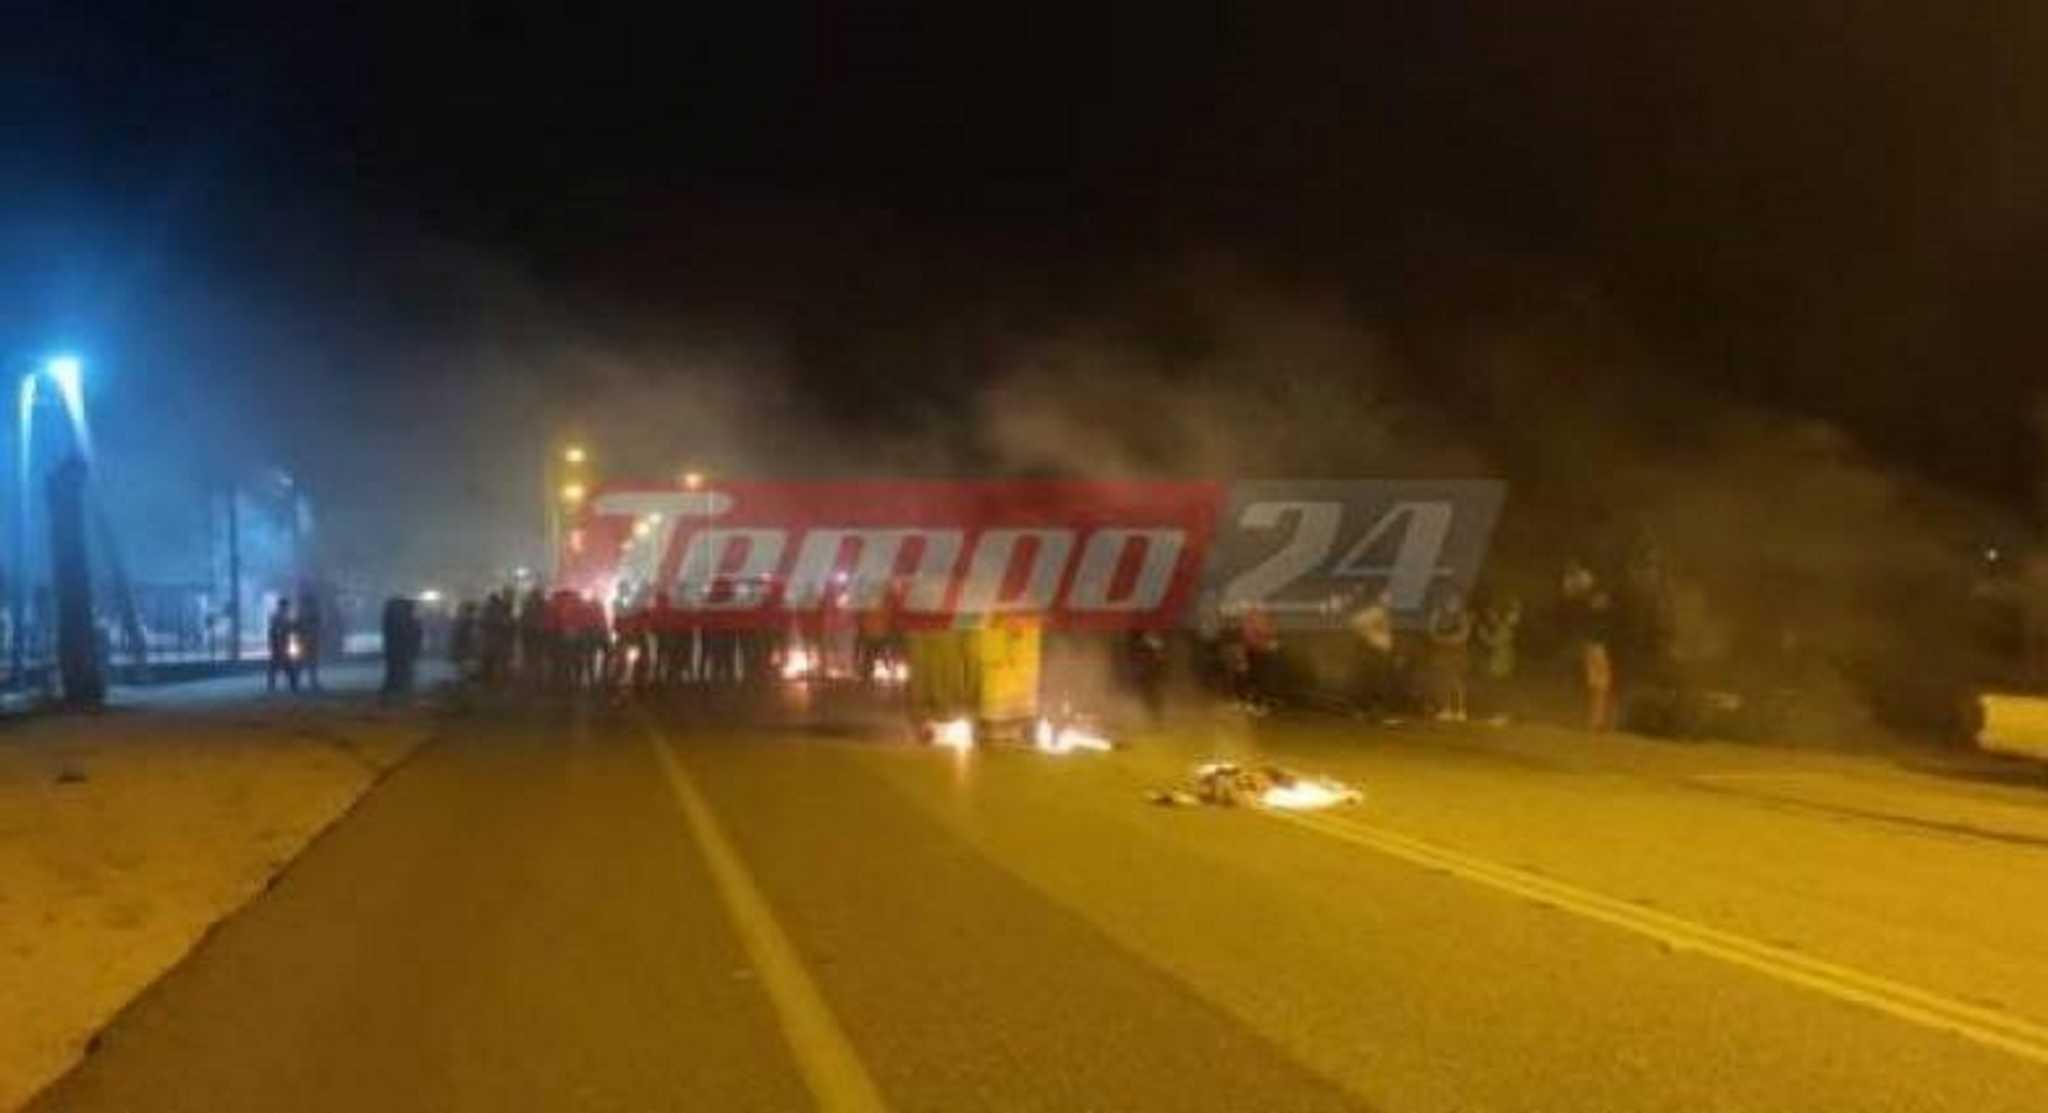 Ρομά απέκλεισαν την εθνική οδό Πατρών – Πύργου στα Σαγέικα καίγοντας λάστιχα